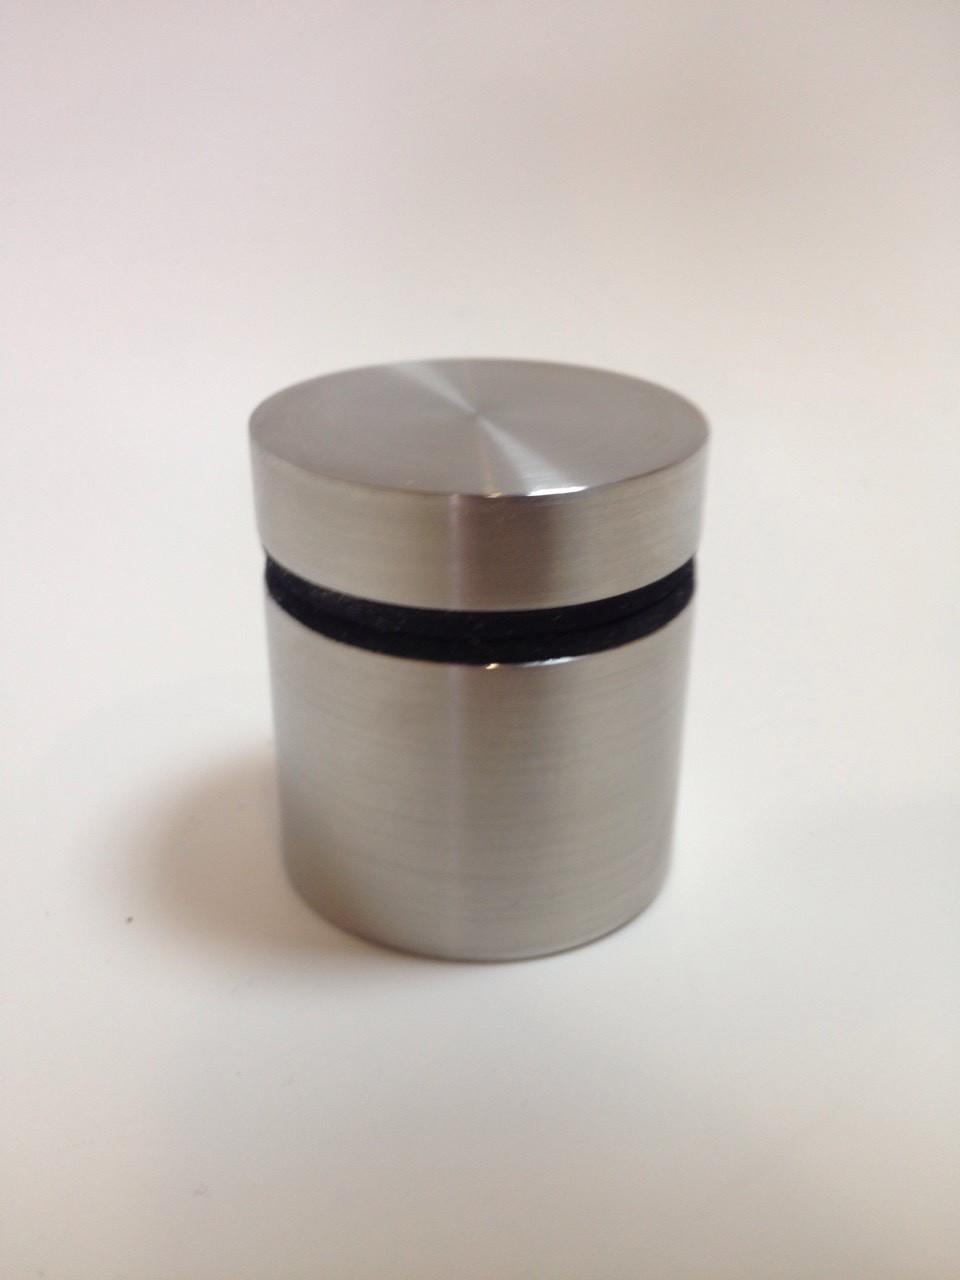 ODF-06-12-01-L30  Коннектор для стекла, диаметром 40 мм под резьбу М10,